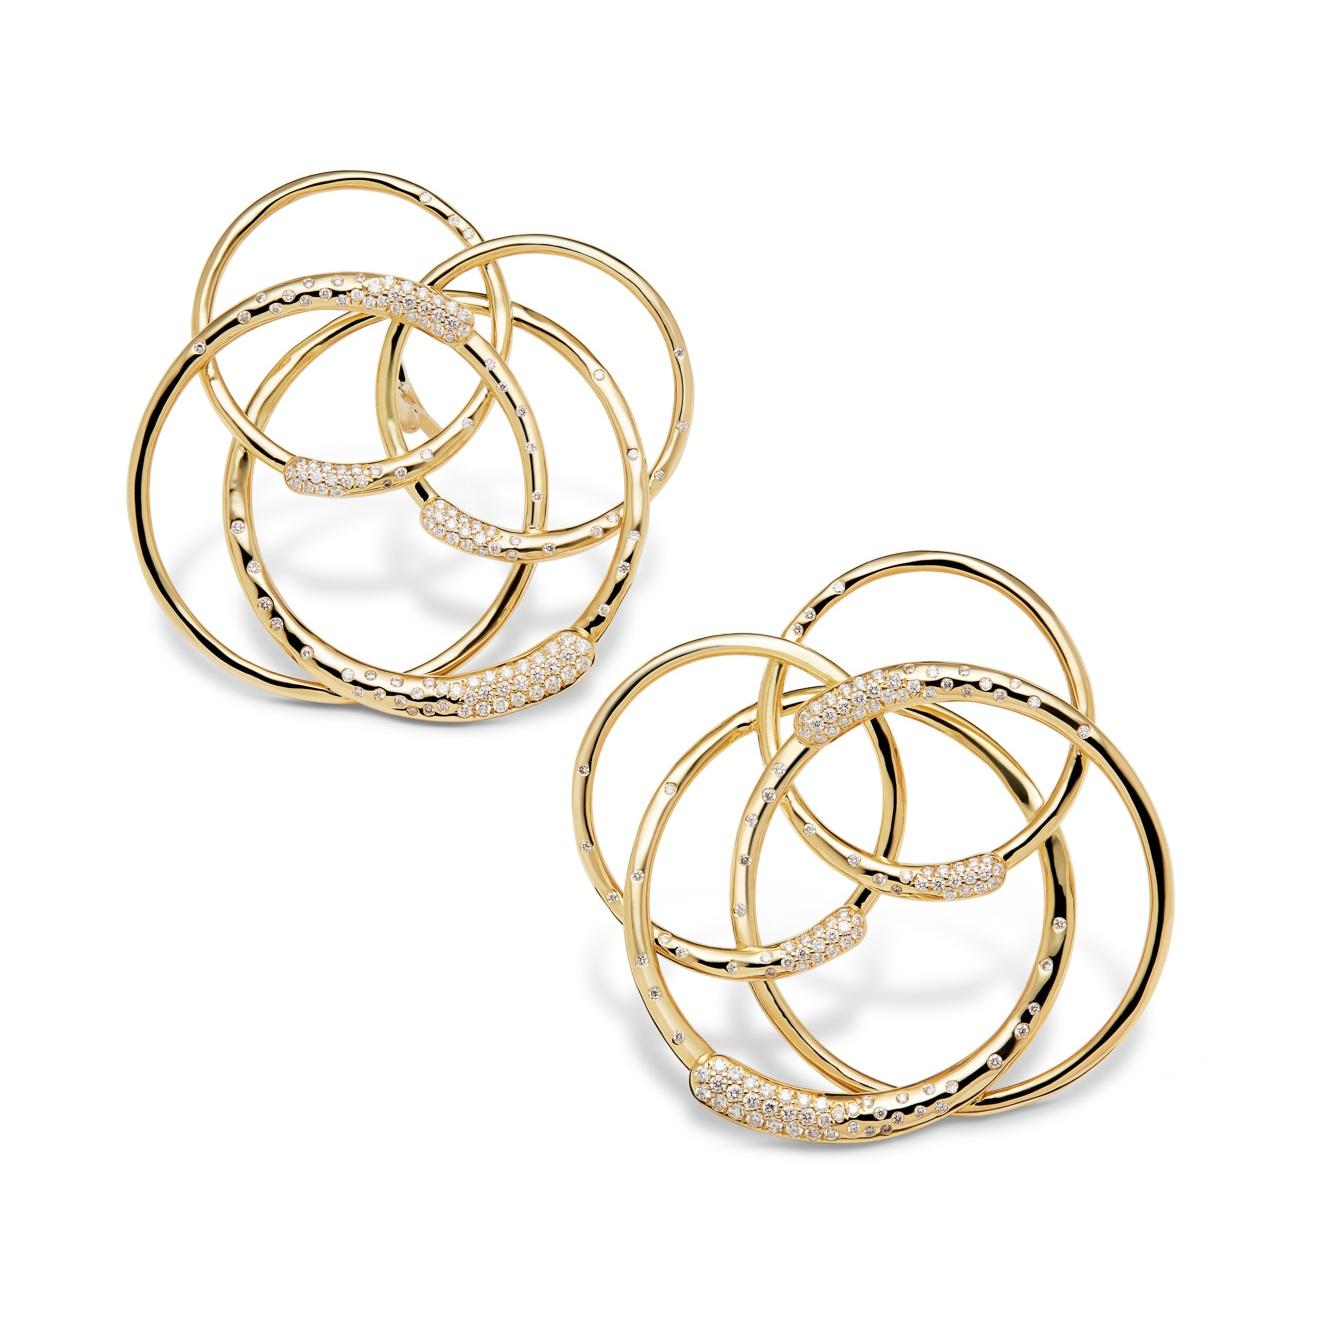 2018_02_20_Ippolita_Gold Earring 001_R5.jpg